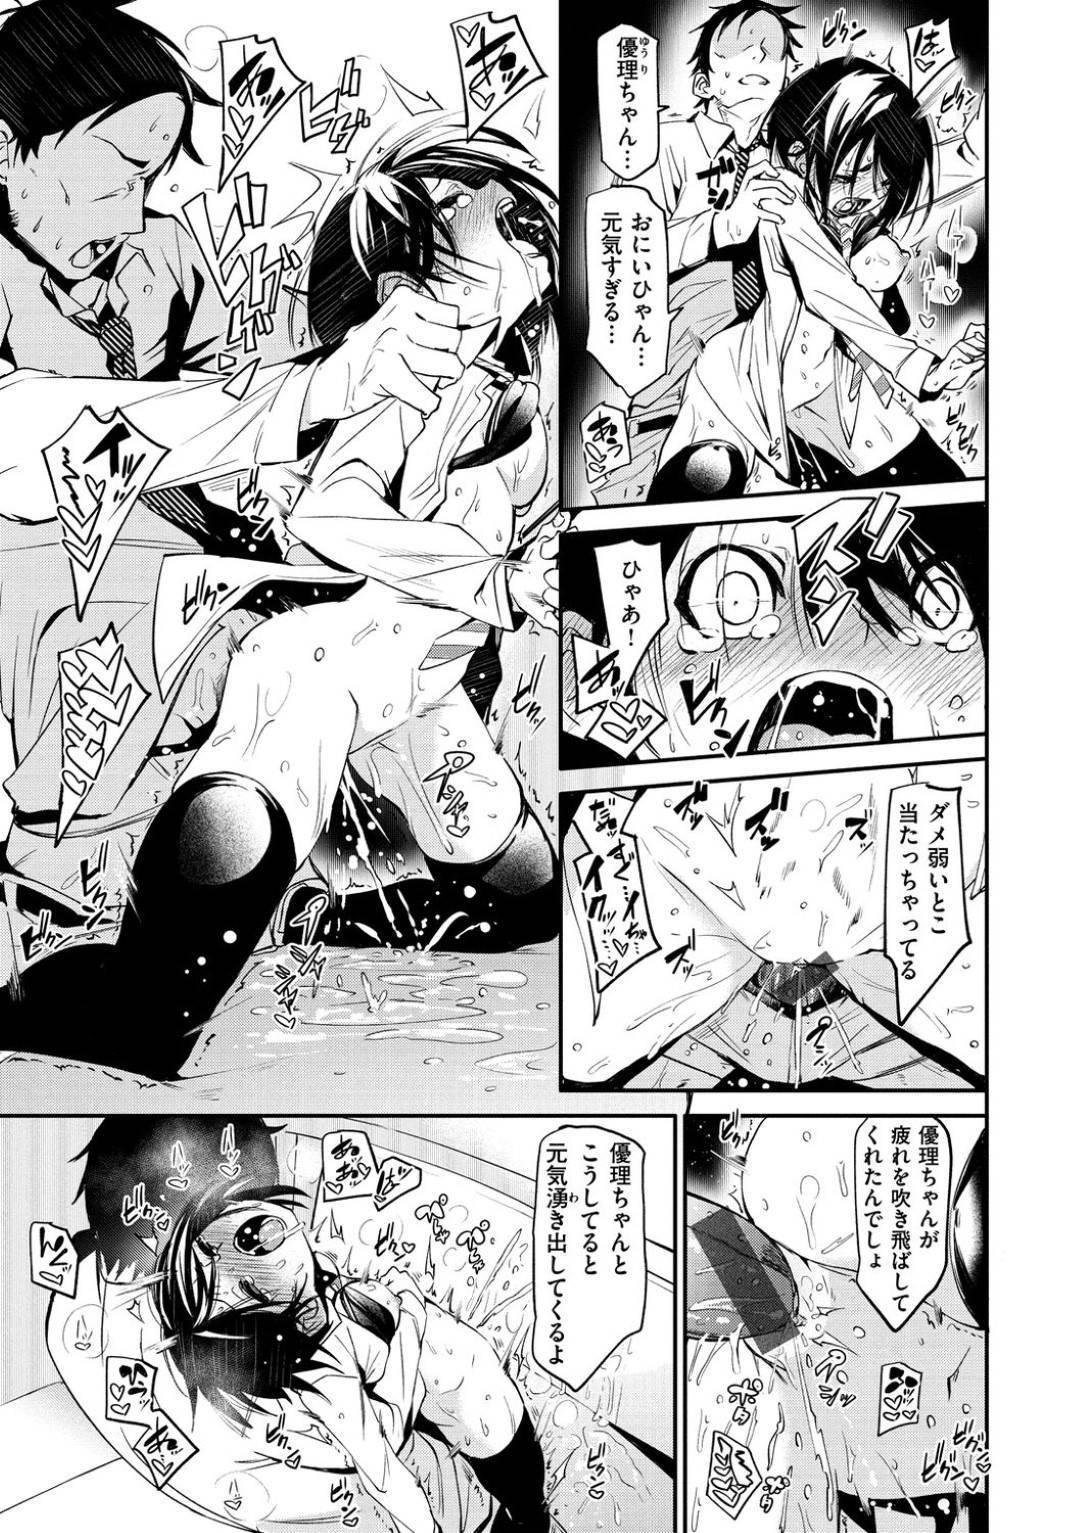 【エロ漫画】ひょんな事がきっかけで駅で偶然知り合った冴えない男と毎日のように通勤通学するようになった貧乳小悪魔JK。徐々に打ち解けるようになった彼女は満員電車で彼のとこを誘惑し、逆痴漢プレイをするように!